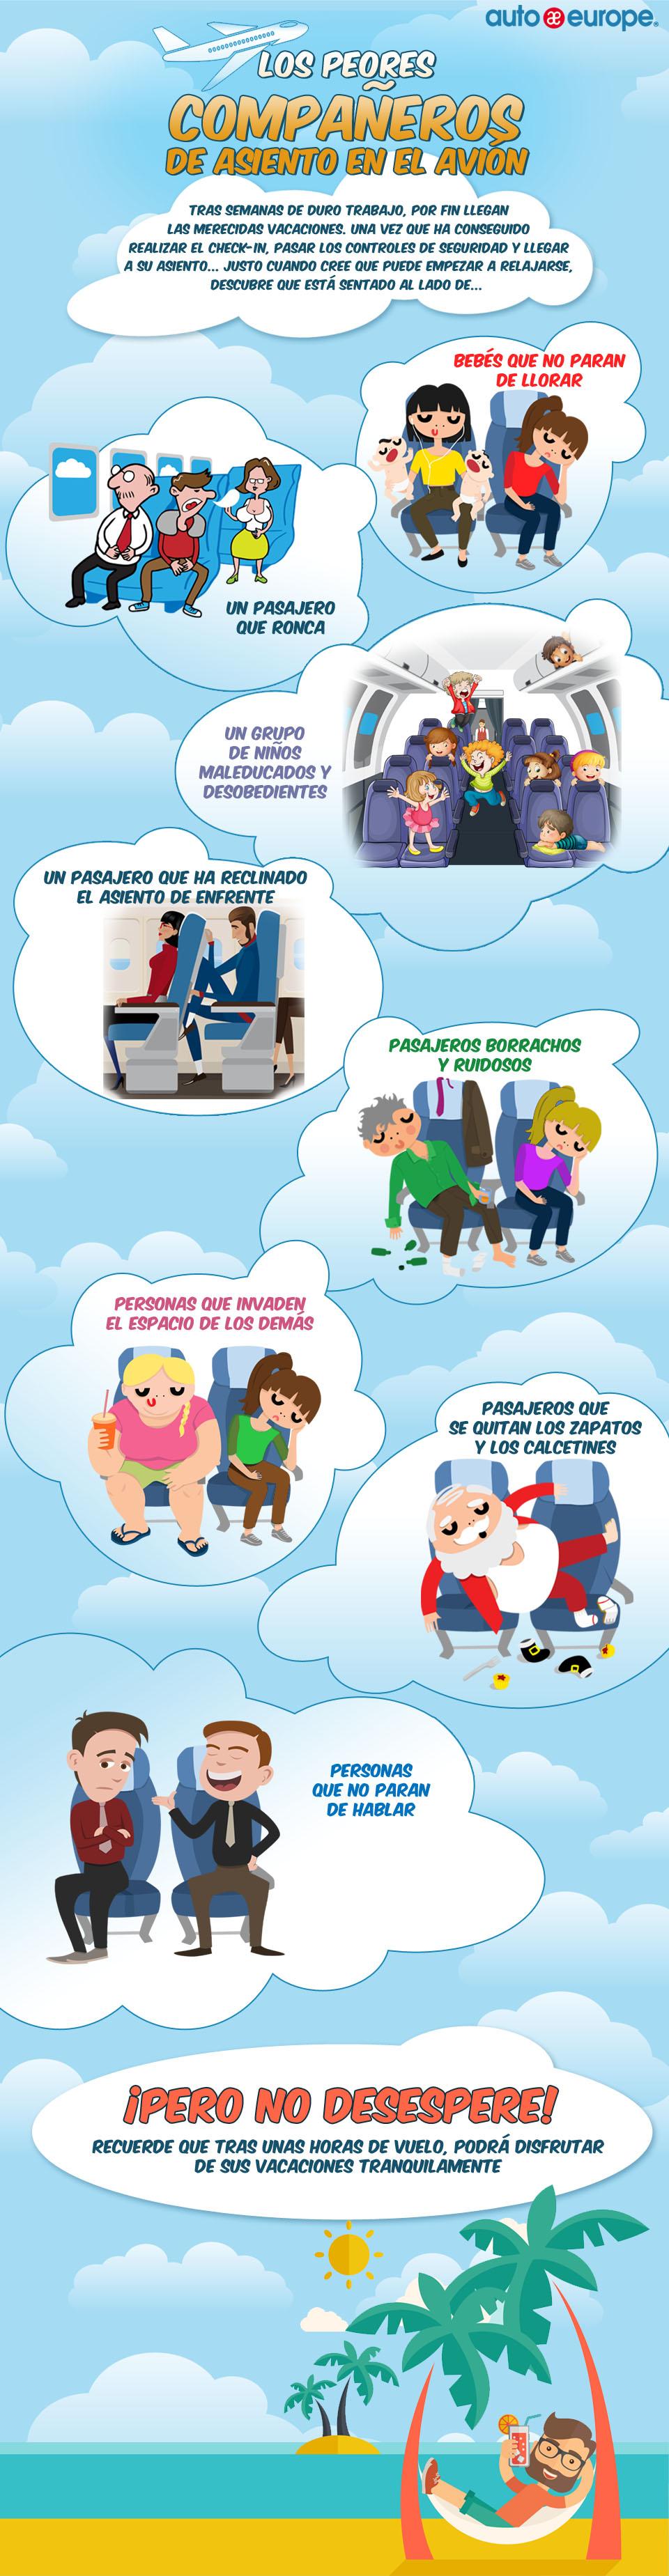 Los peores compa�eros de asiento en el avión - Auto Europe